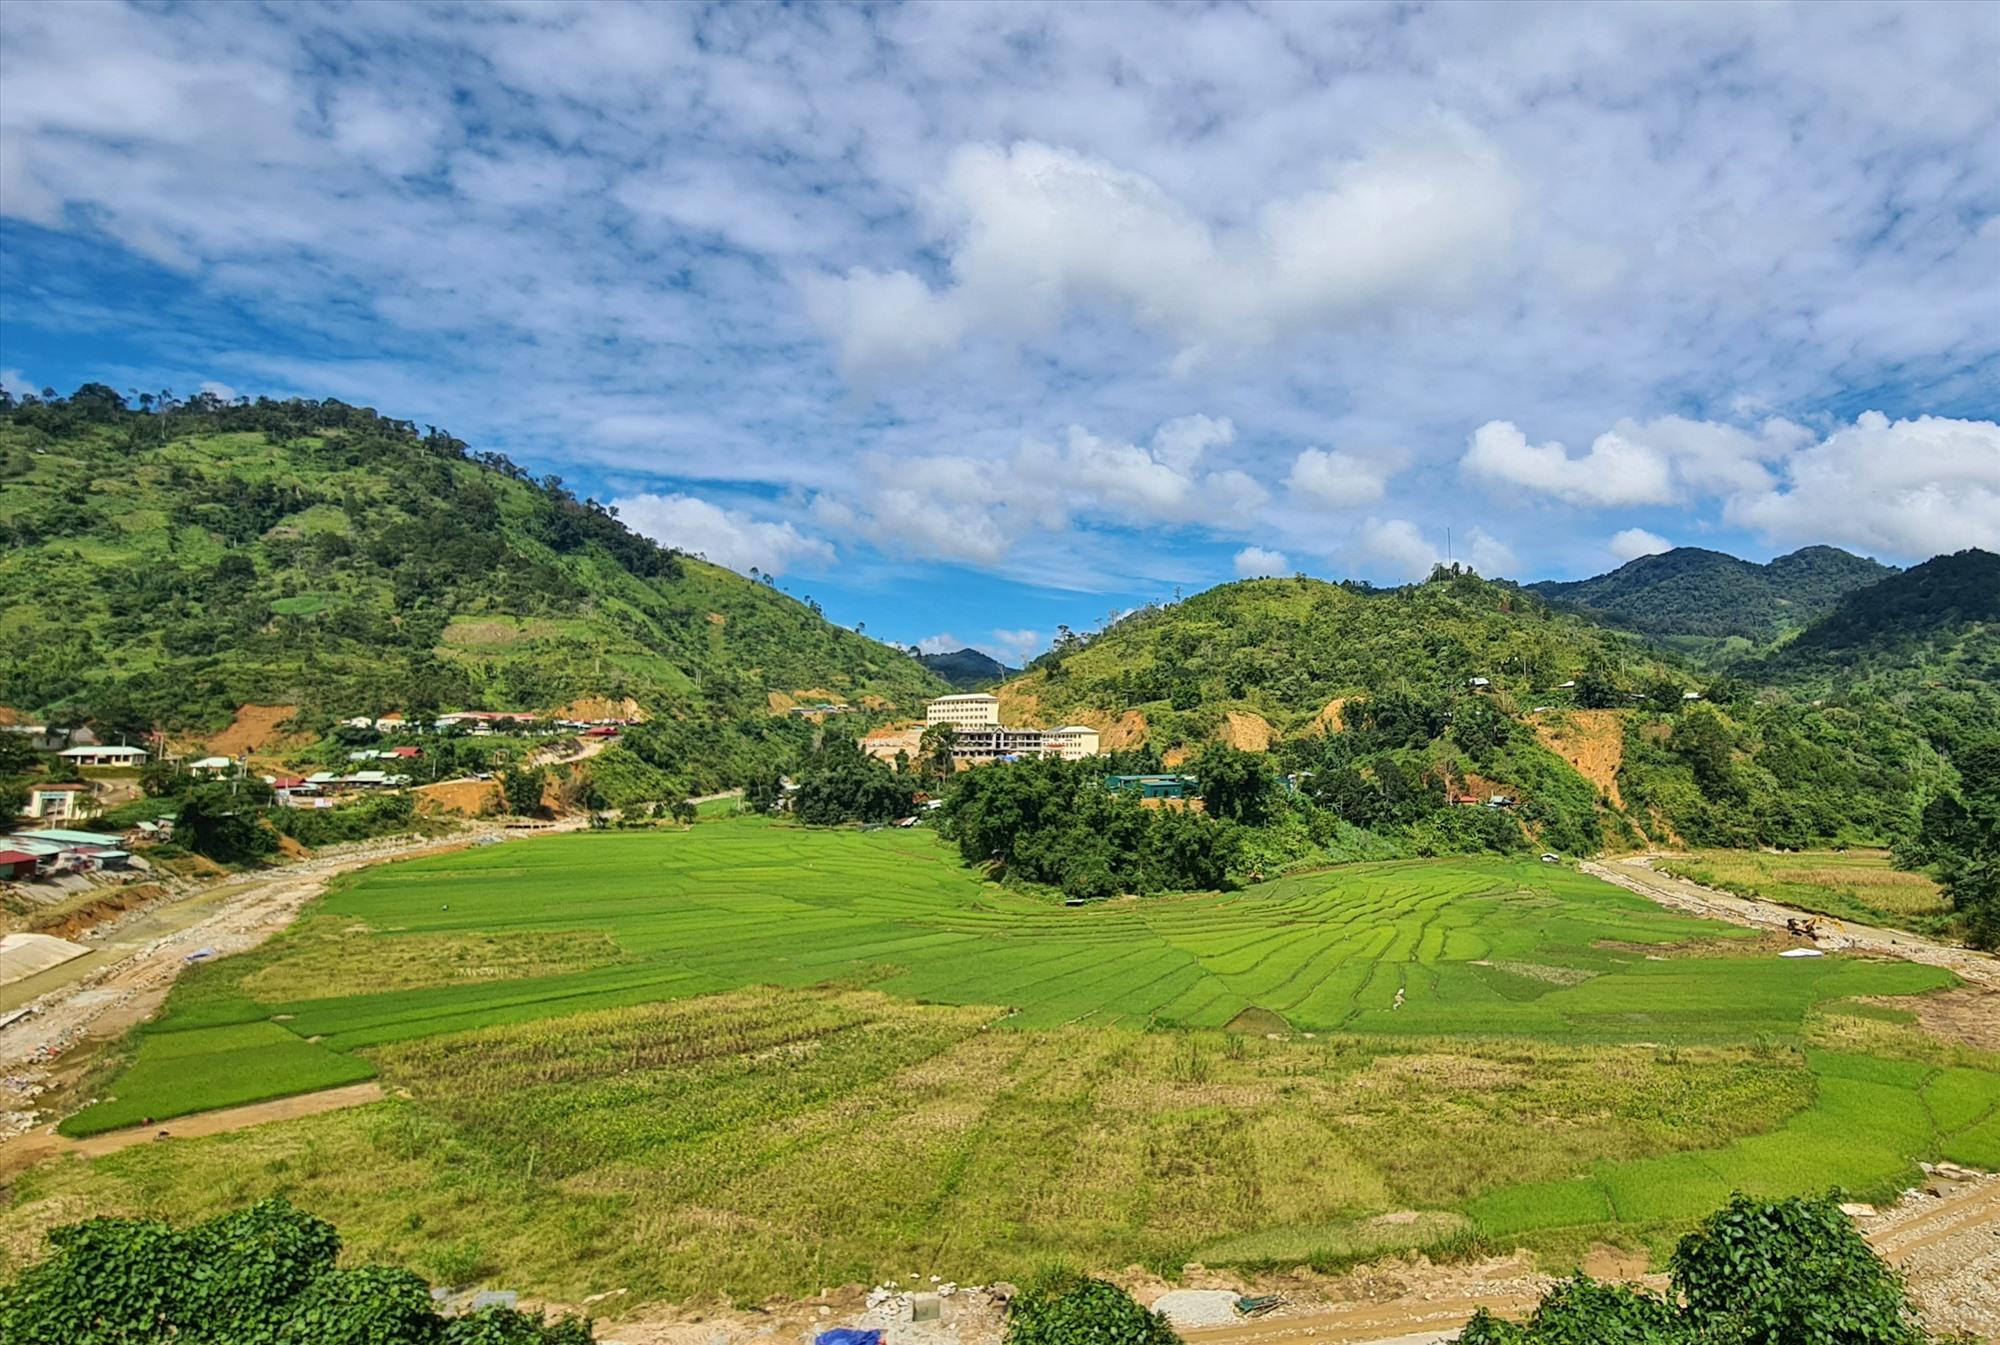 Cánh đồng Chuôr - ruộng lúa nước của cộng đồng Cơ Tu Tây Giang đang dần được khôi phục, đánh dấu sự trở lại bằng màu xanh của lúa.